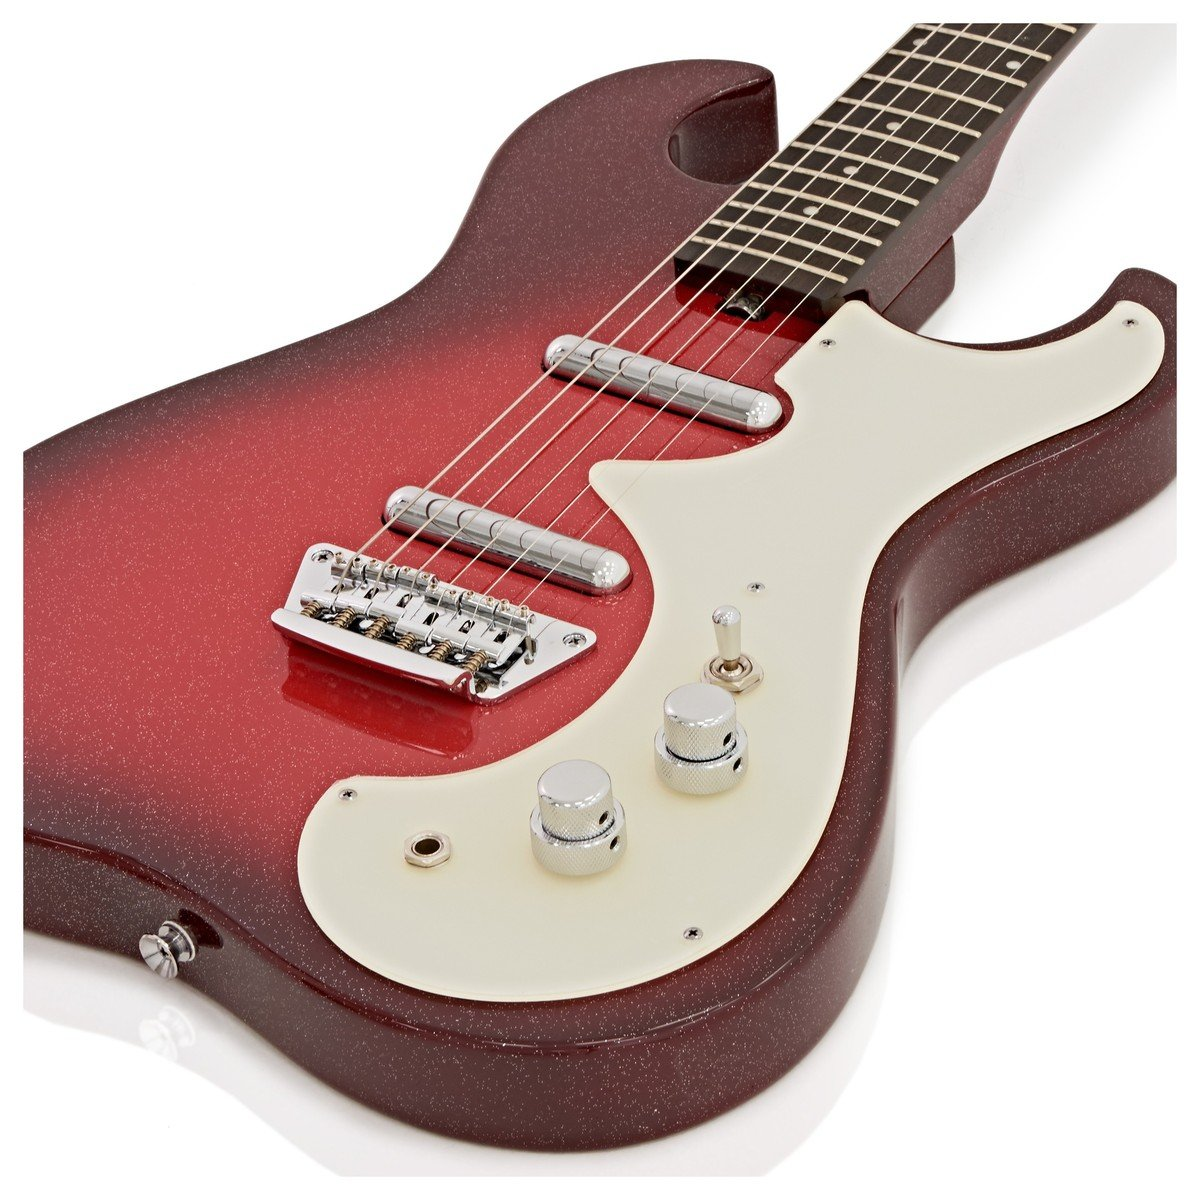 Silvertone 1449 Guitarra Eléctrica Red Sparkle Metallic: Amazon.es: Instrumentos musicales